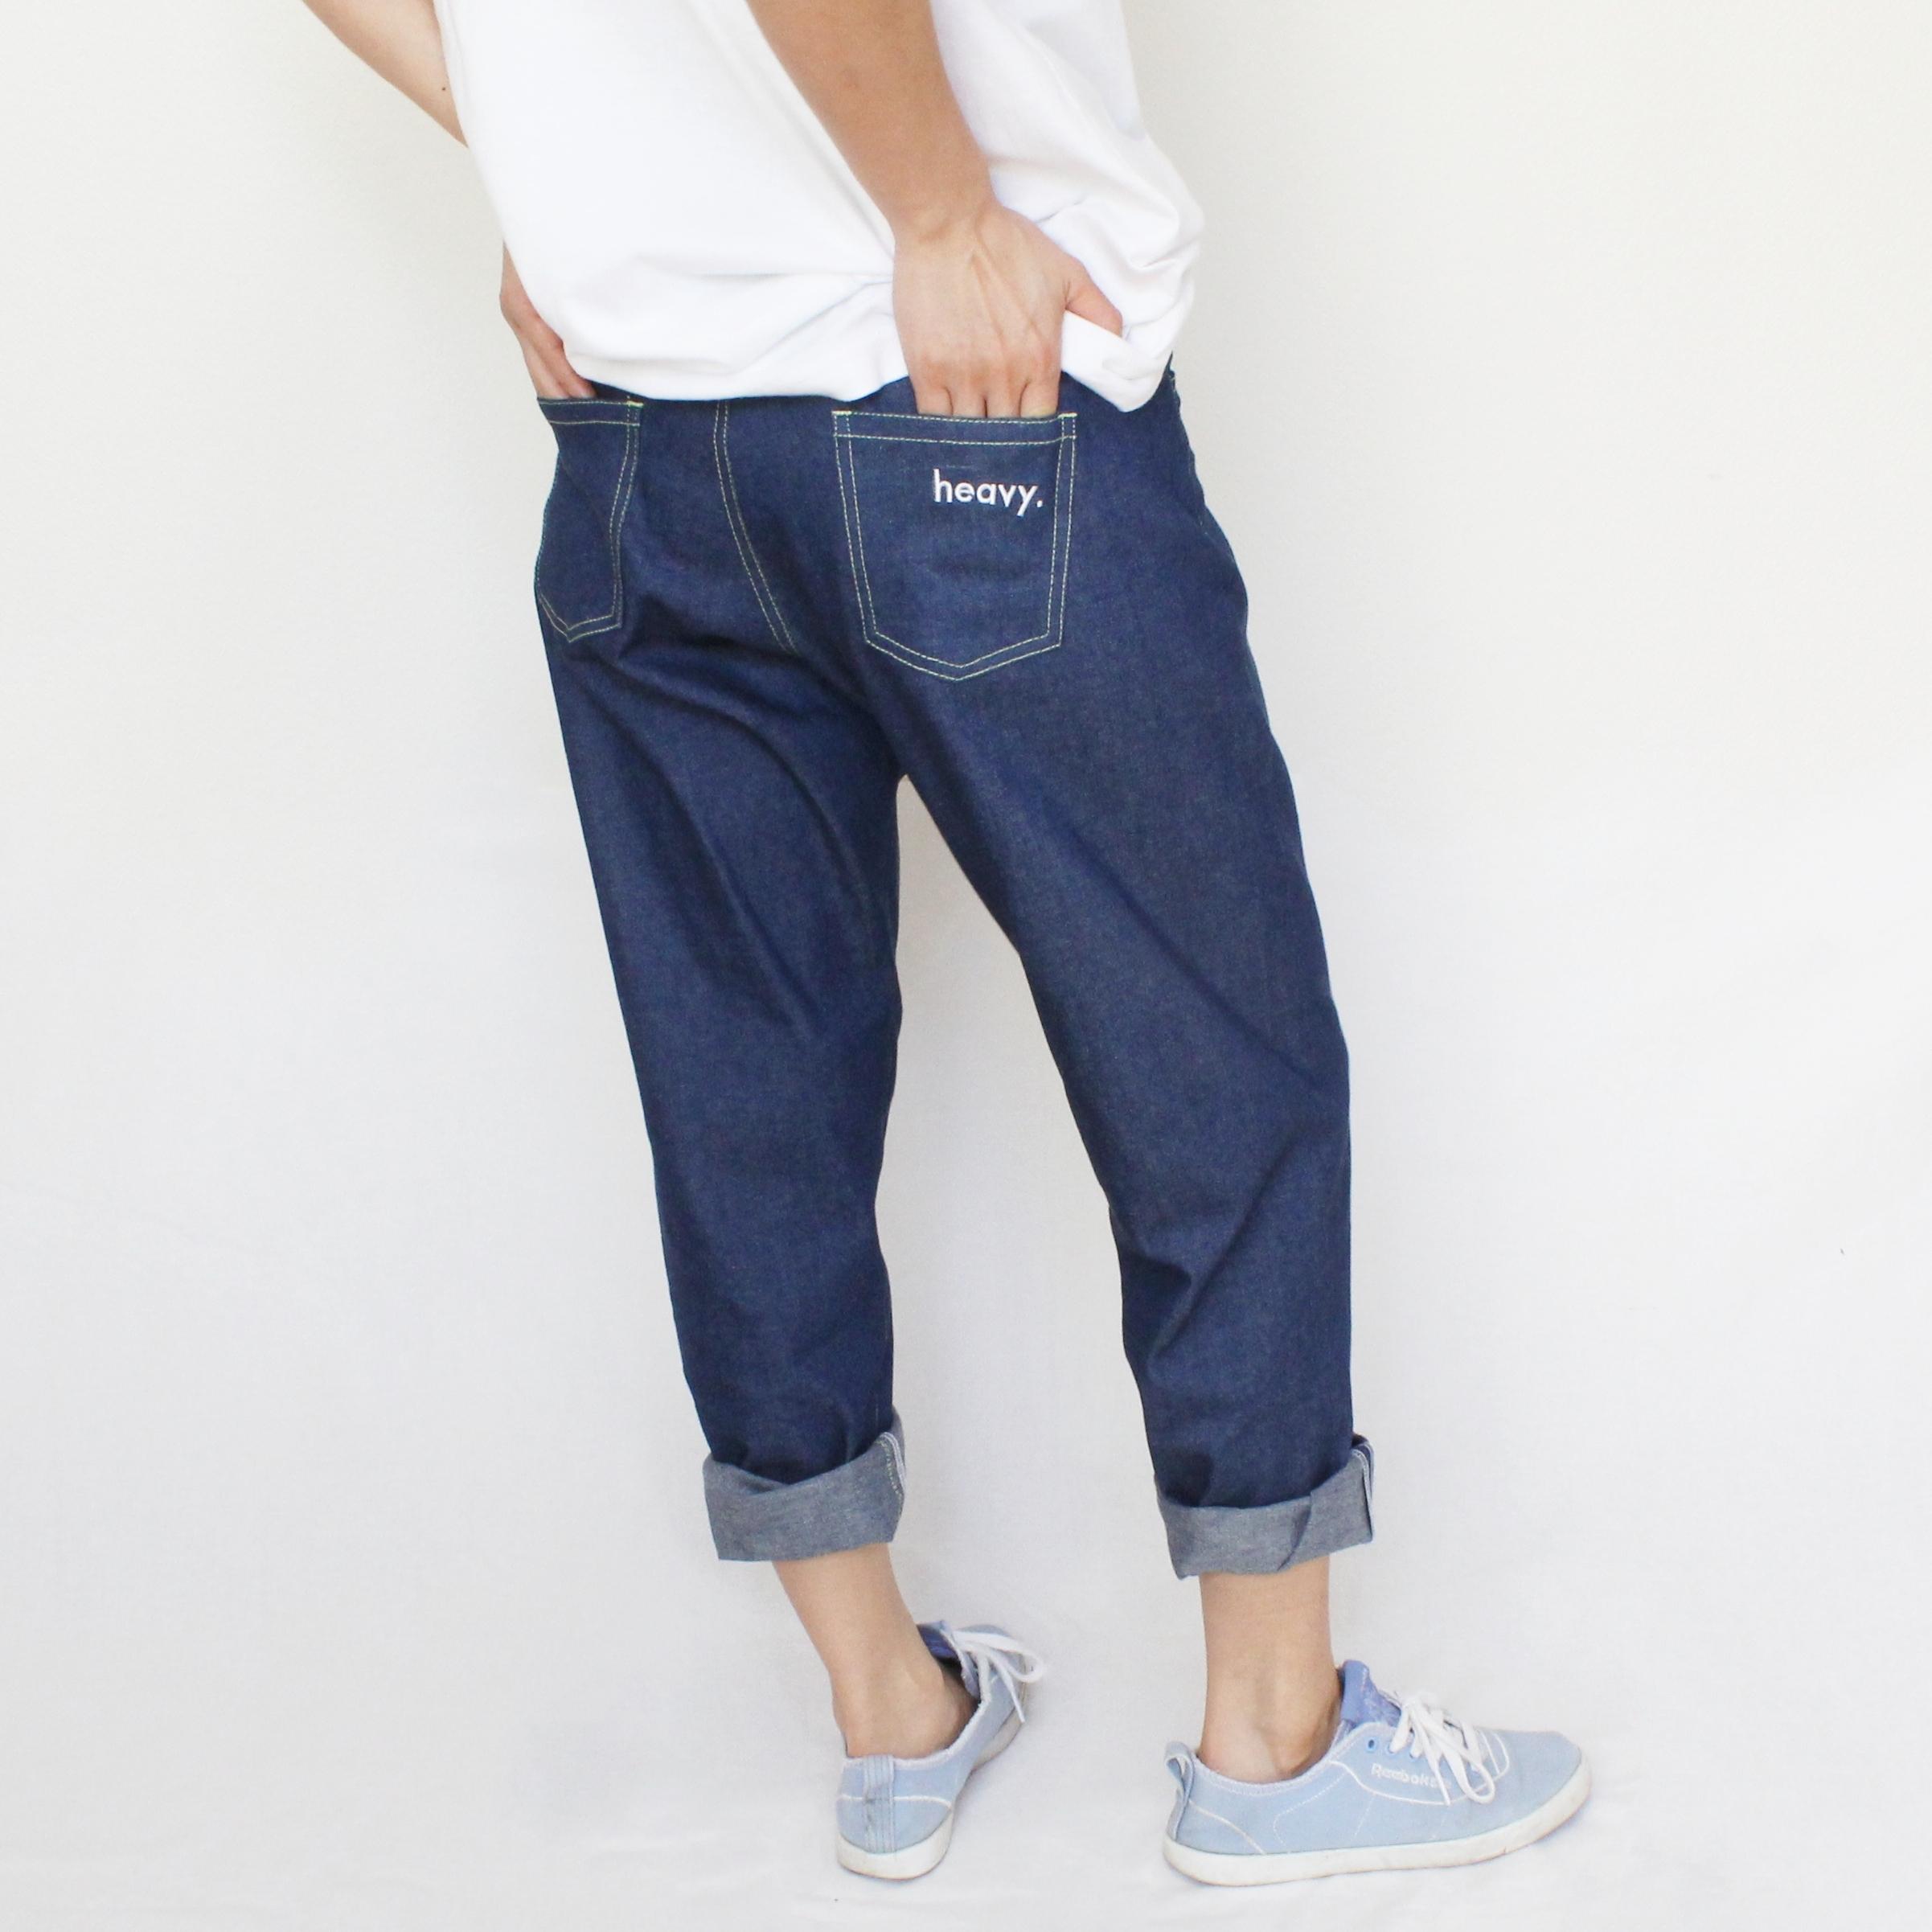 janie jeans LOGO - 画像1